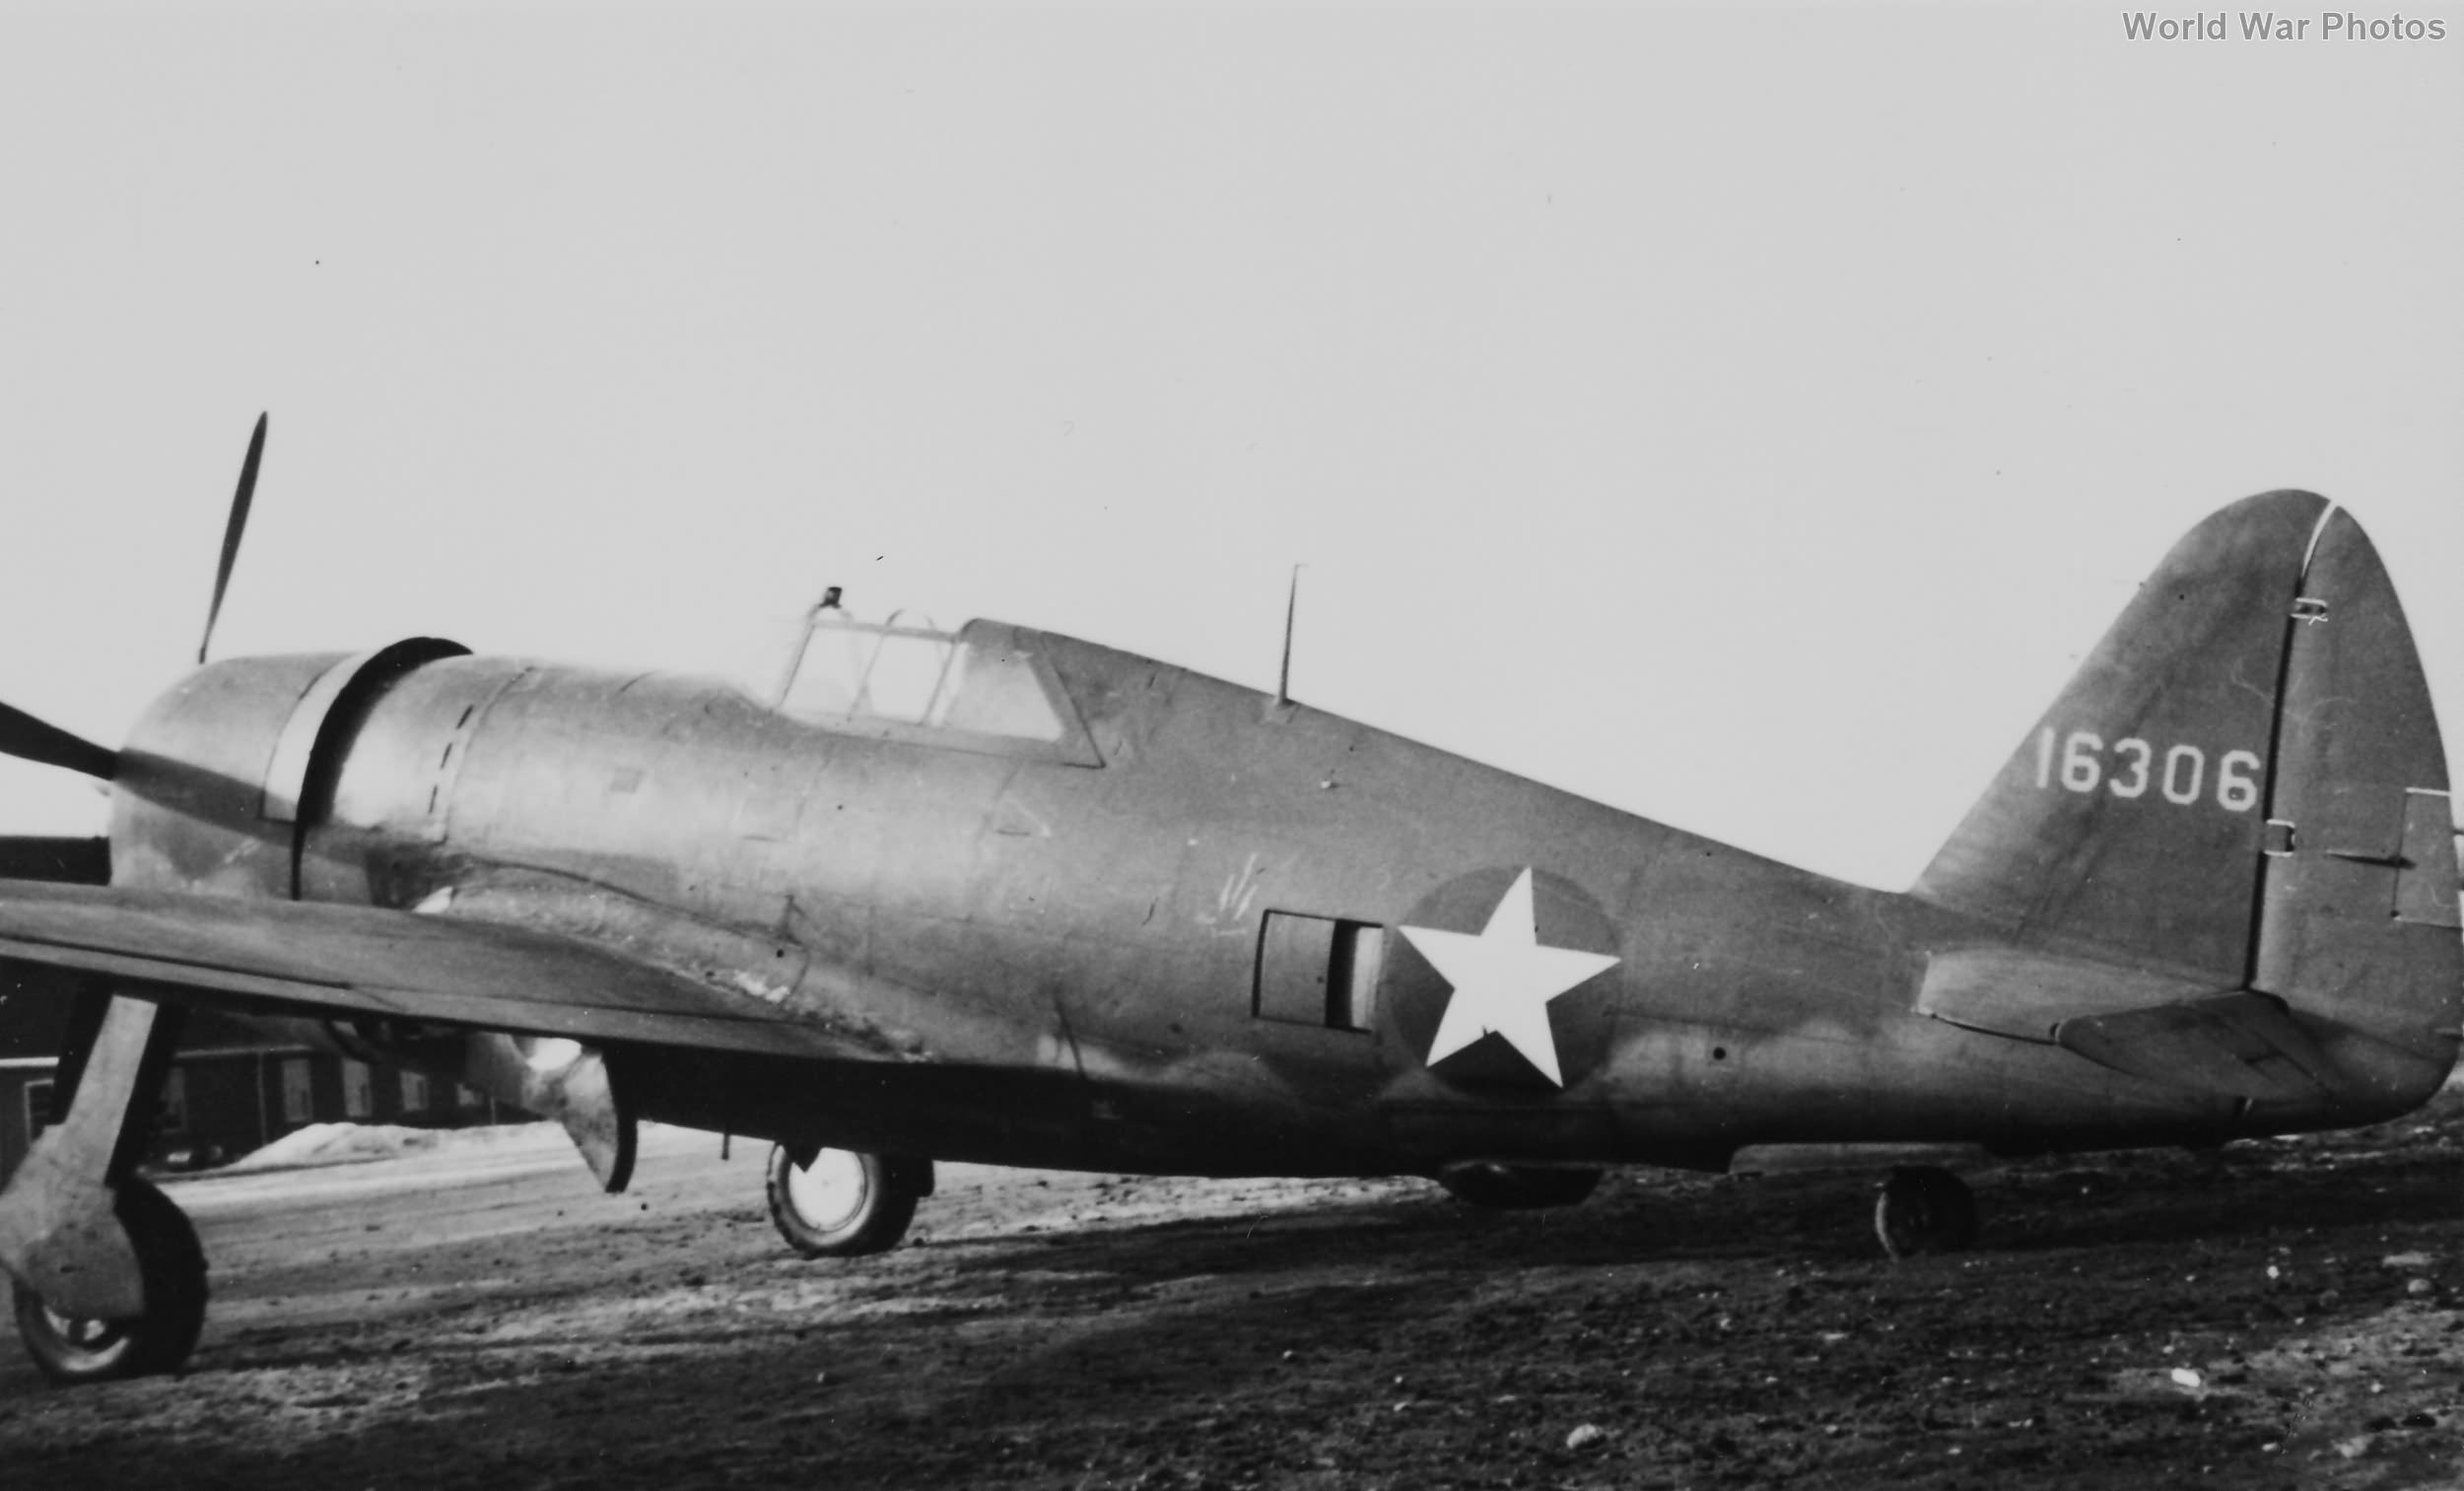 P-47C serial 41-6306